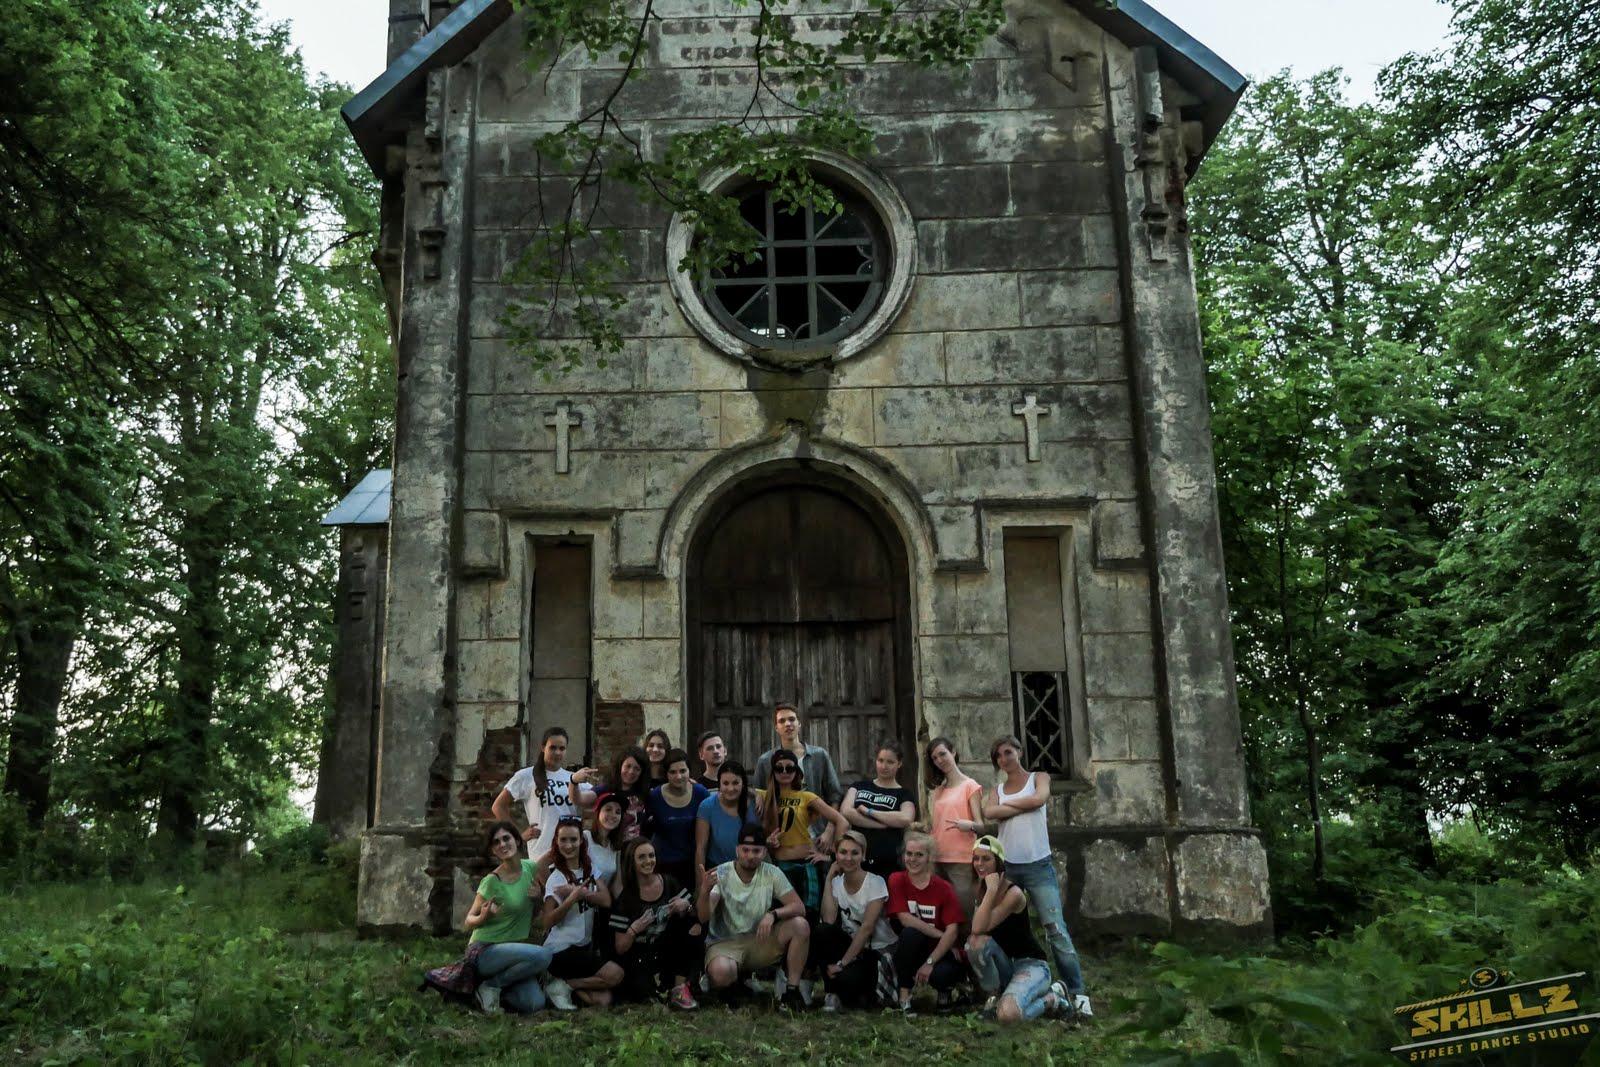 Grupes ir filmavimai - P1160150.jpg